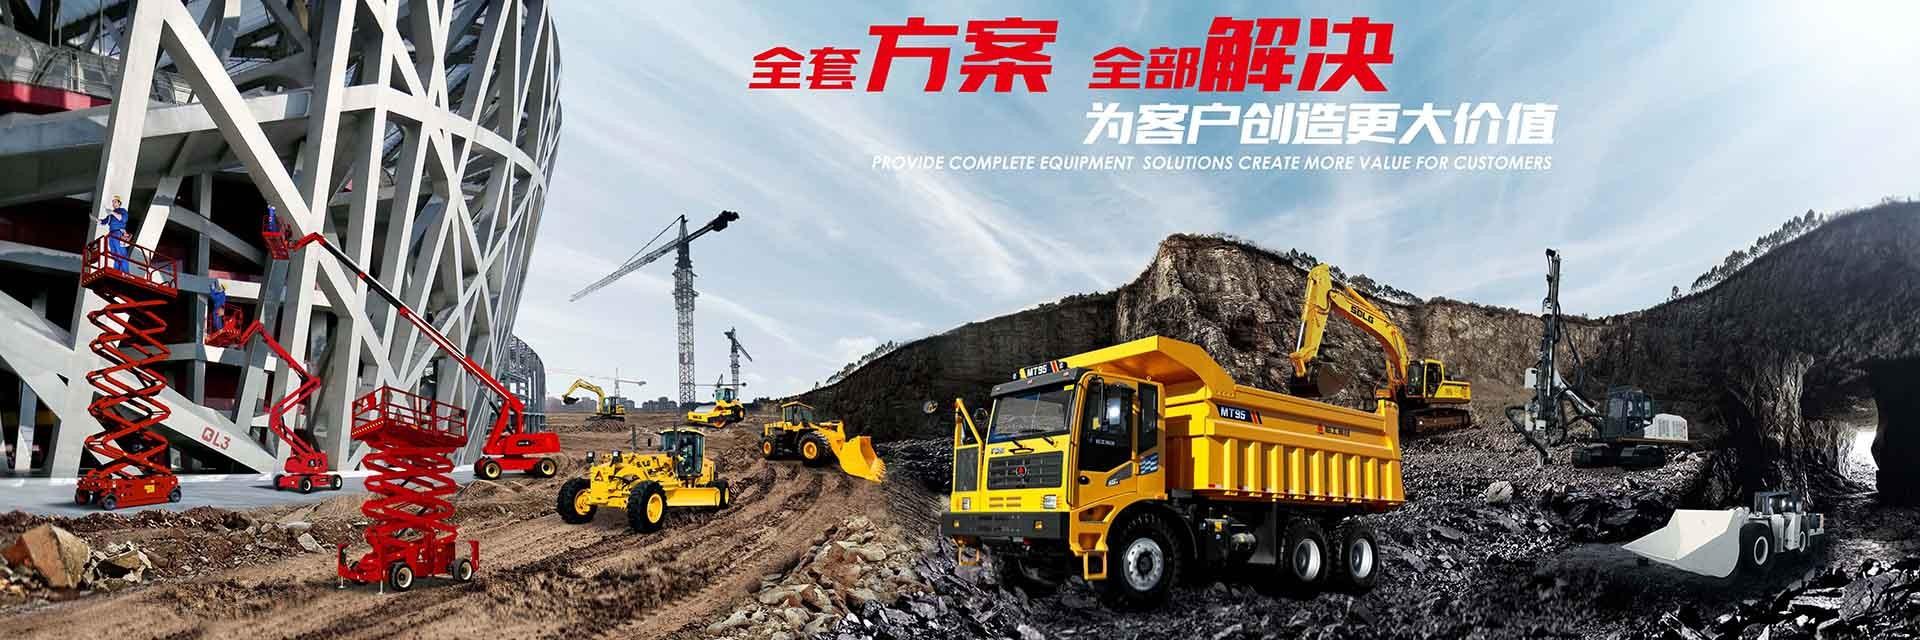 Camion minerario